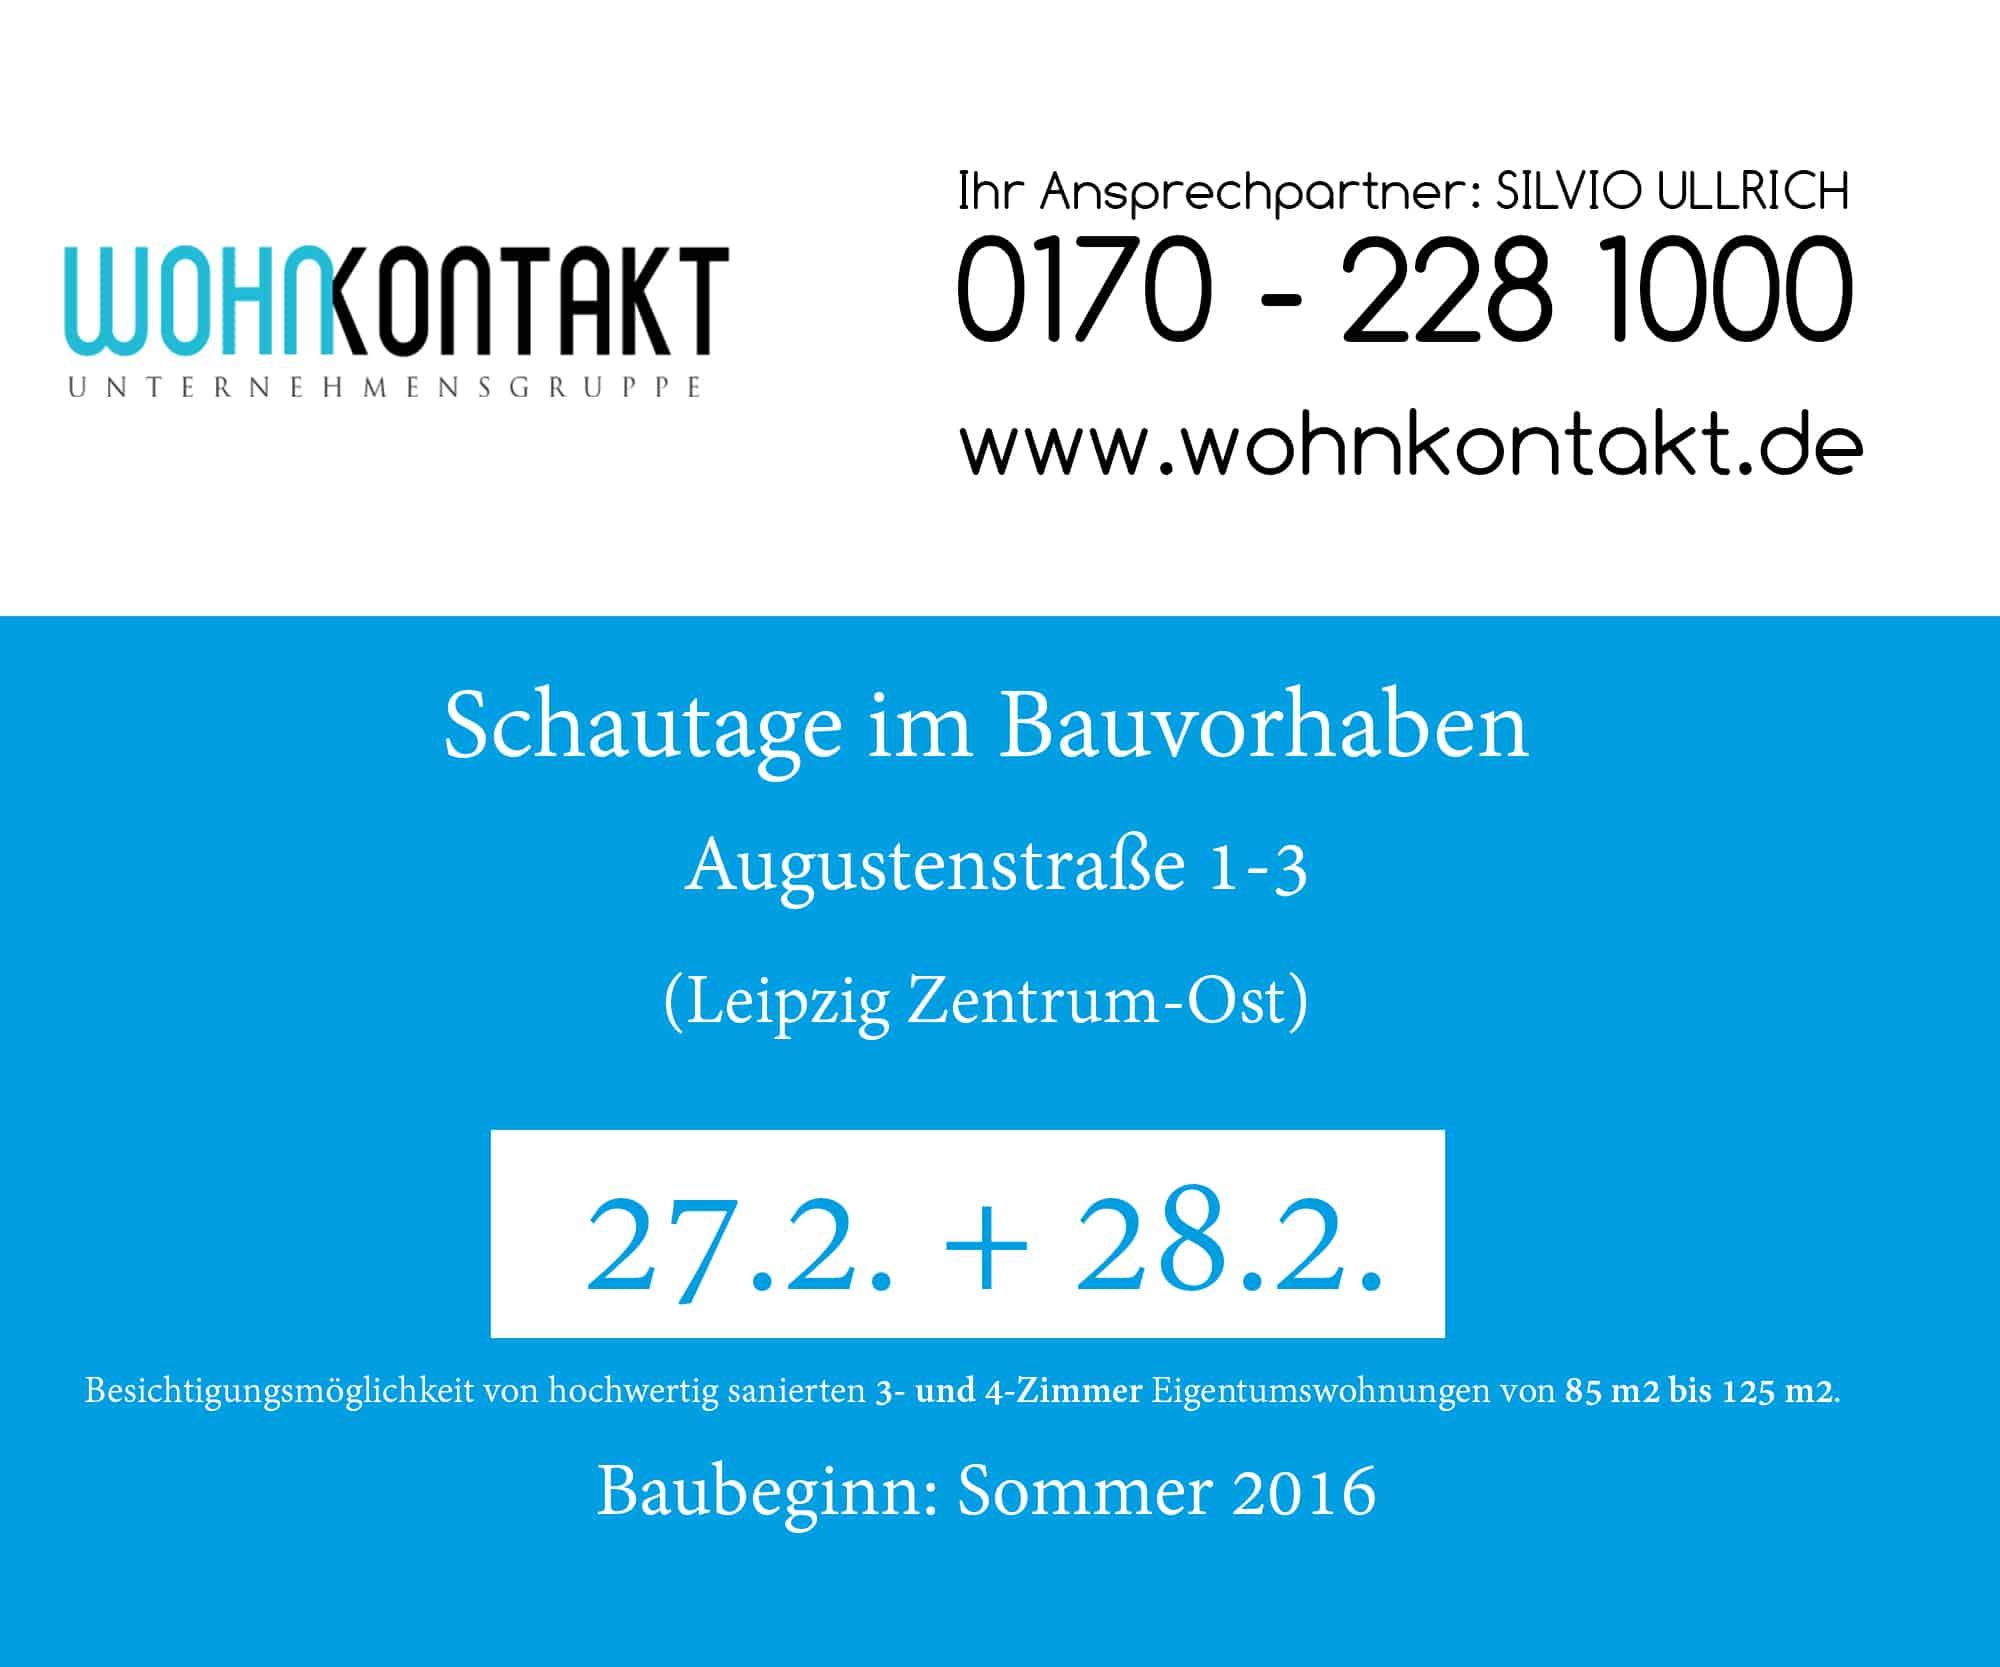 Schautage Augustenstraße-1-3